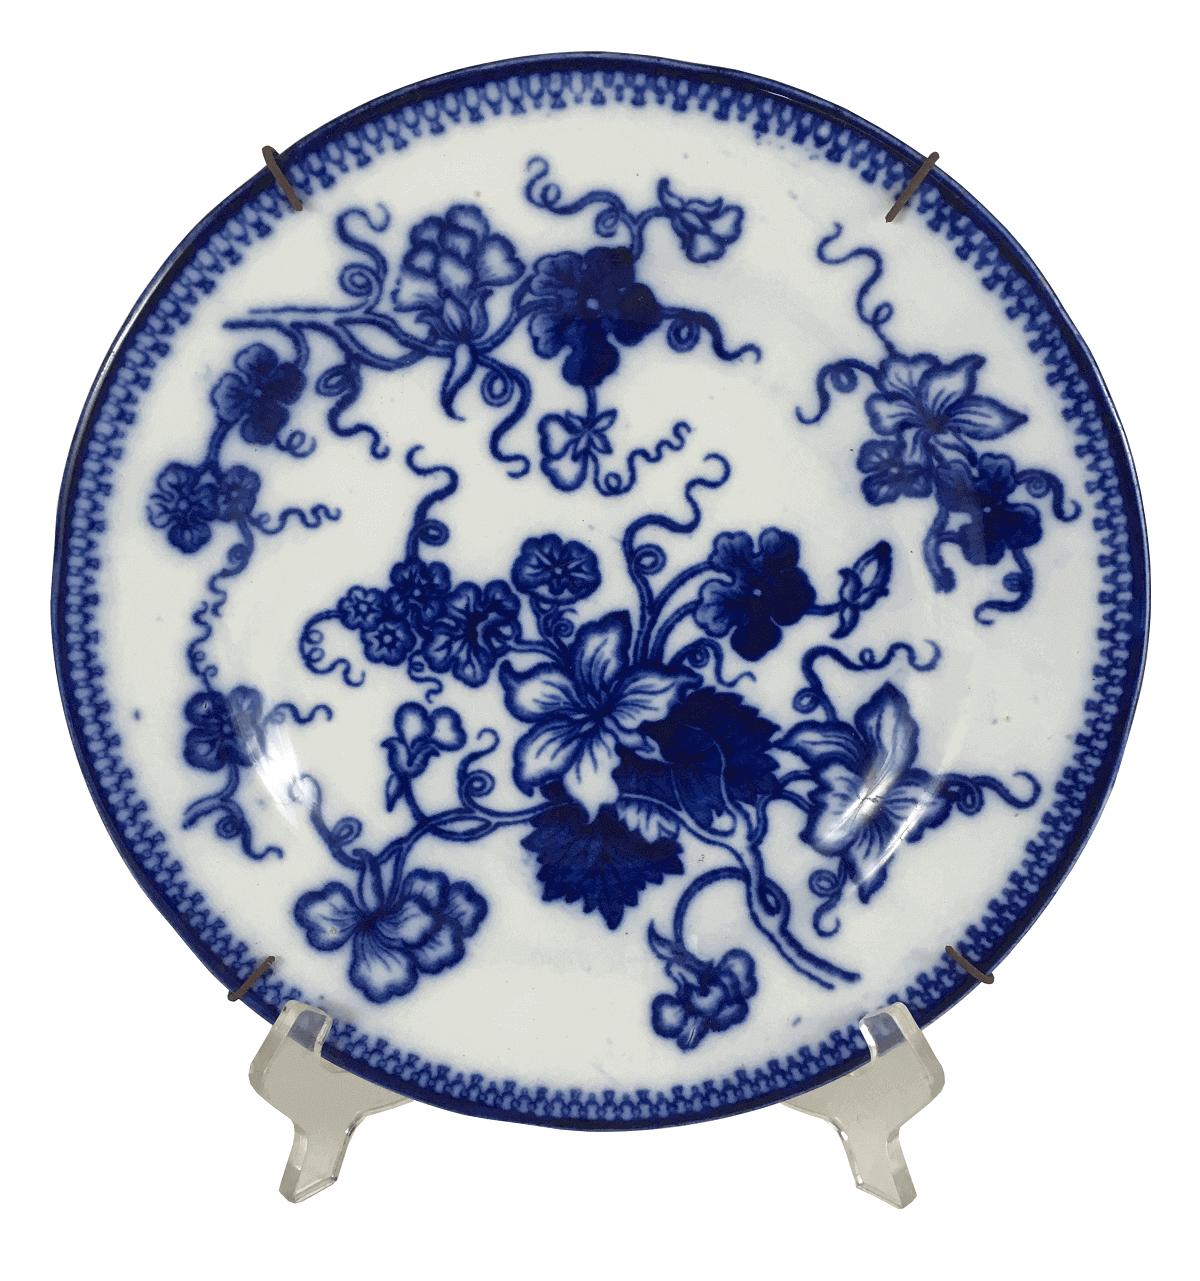 Prato Antigo Porcelana Gustavsberg Azul E Branco